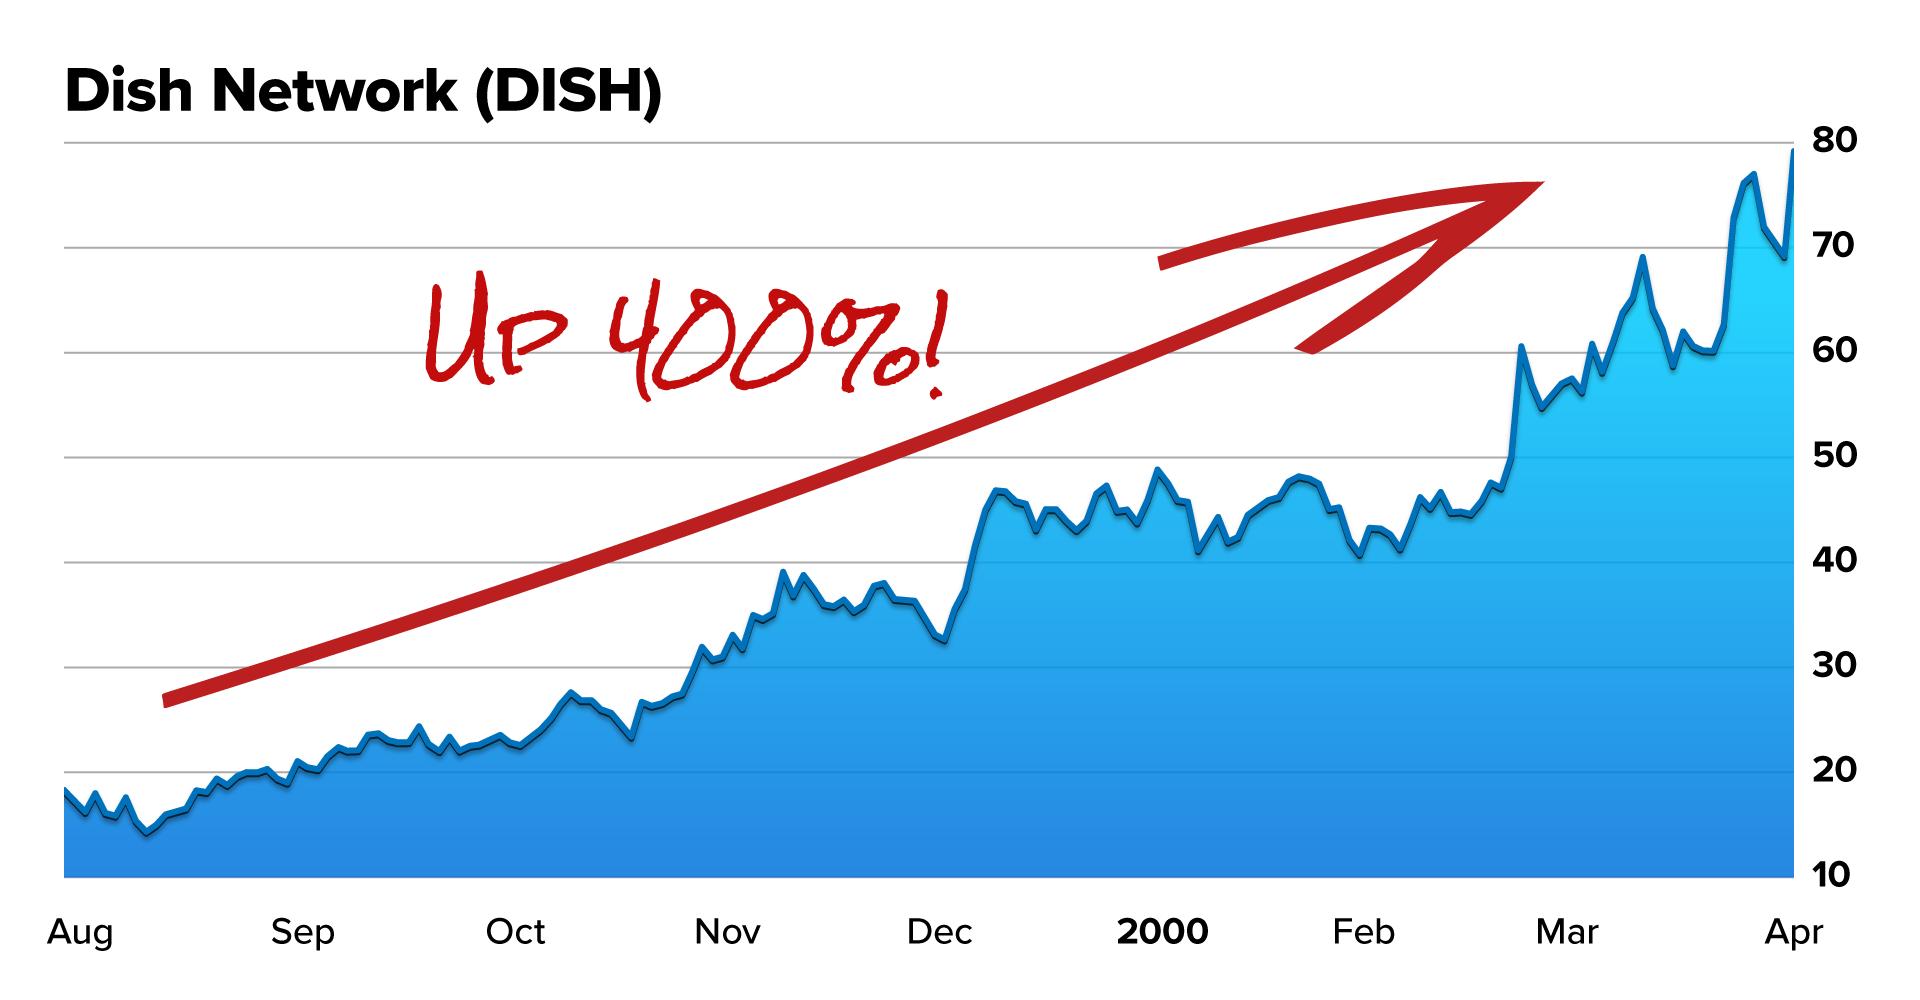 DISH up 400%